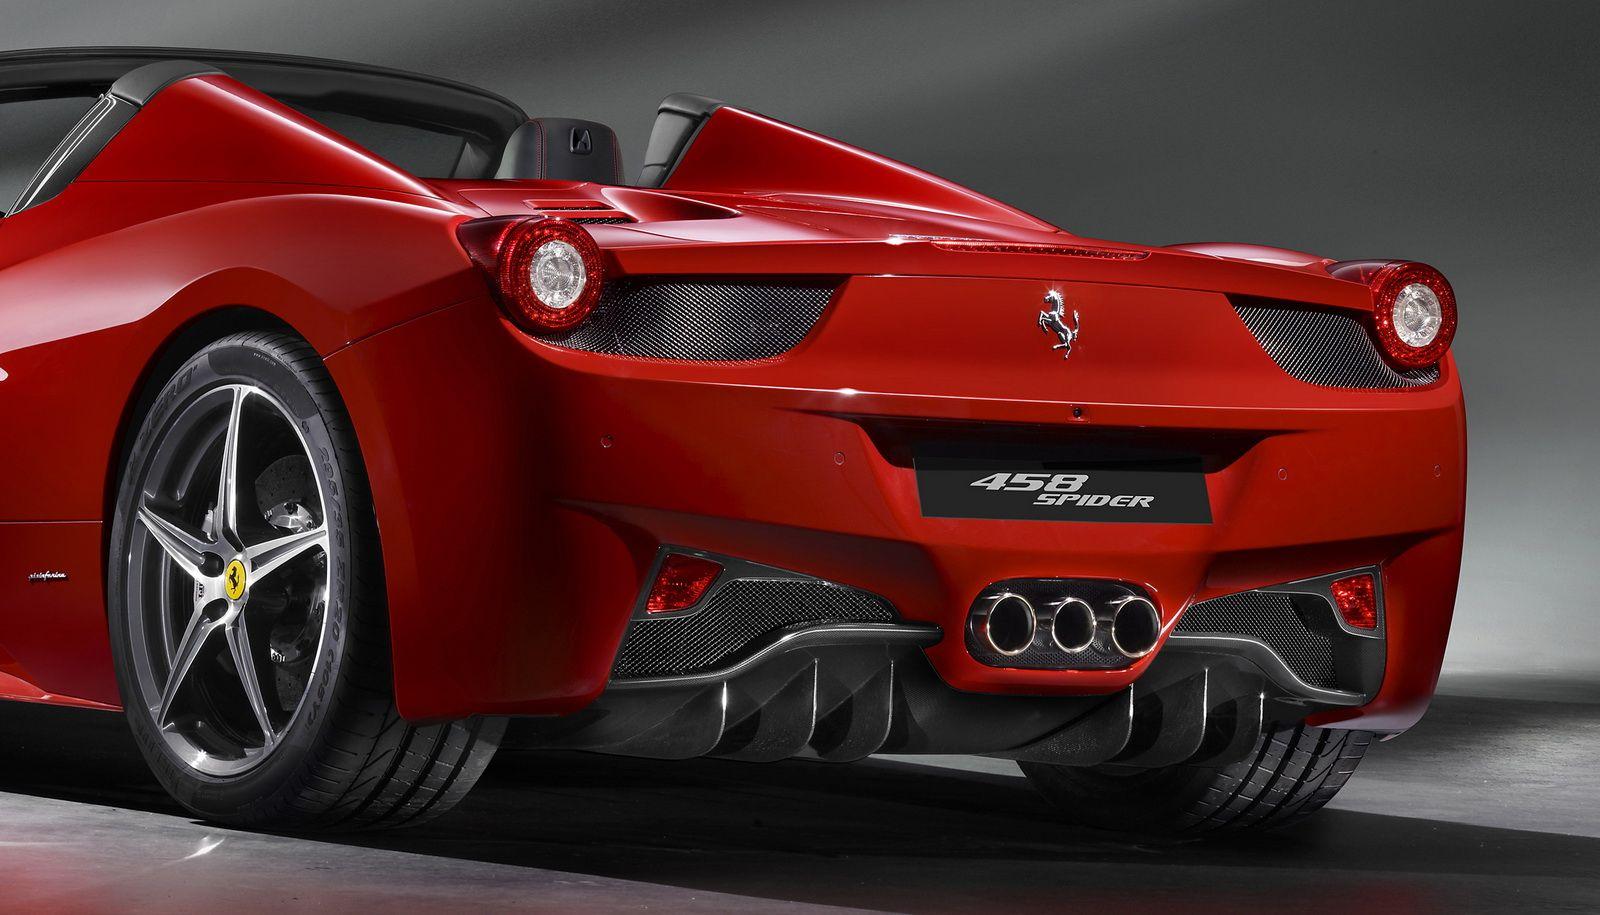 Ferrari 488 Vs 458 Ferrari 458 Italia Vs 488 Gtb Ferrari 458 Spider Vs 488 Spider Ferrari 458 Vs 488 Vs F8 Ferrari 488 Pista Vs 458 Speciale Ferrari 488 V